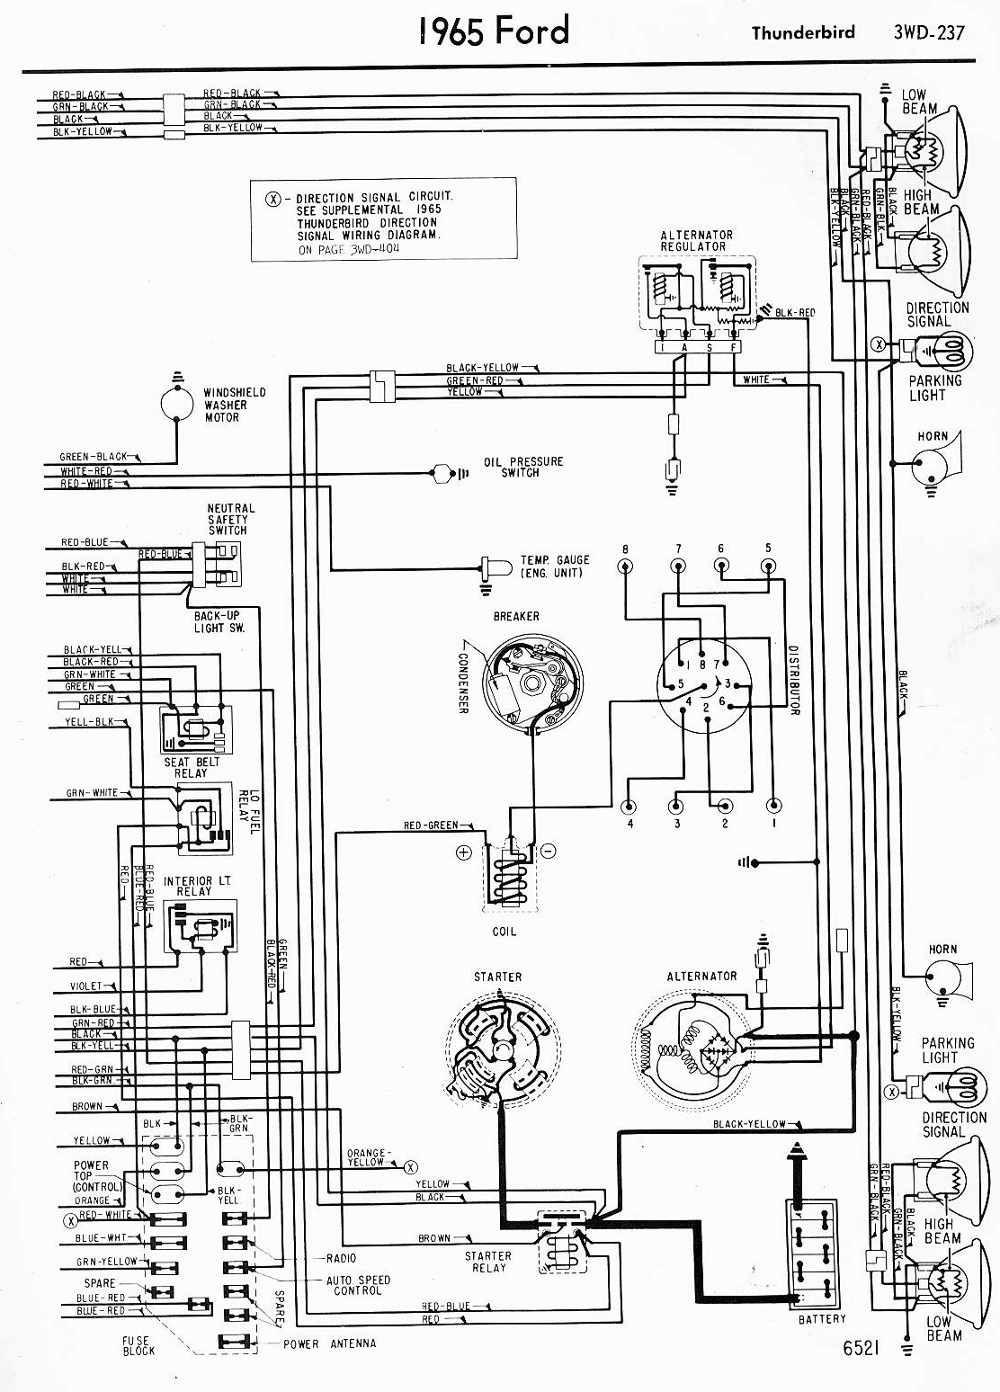 medium resolution of 1965 thunderbird power window wiring diagram schema wiring diagram 1965 thunderbird power window wiring diagram